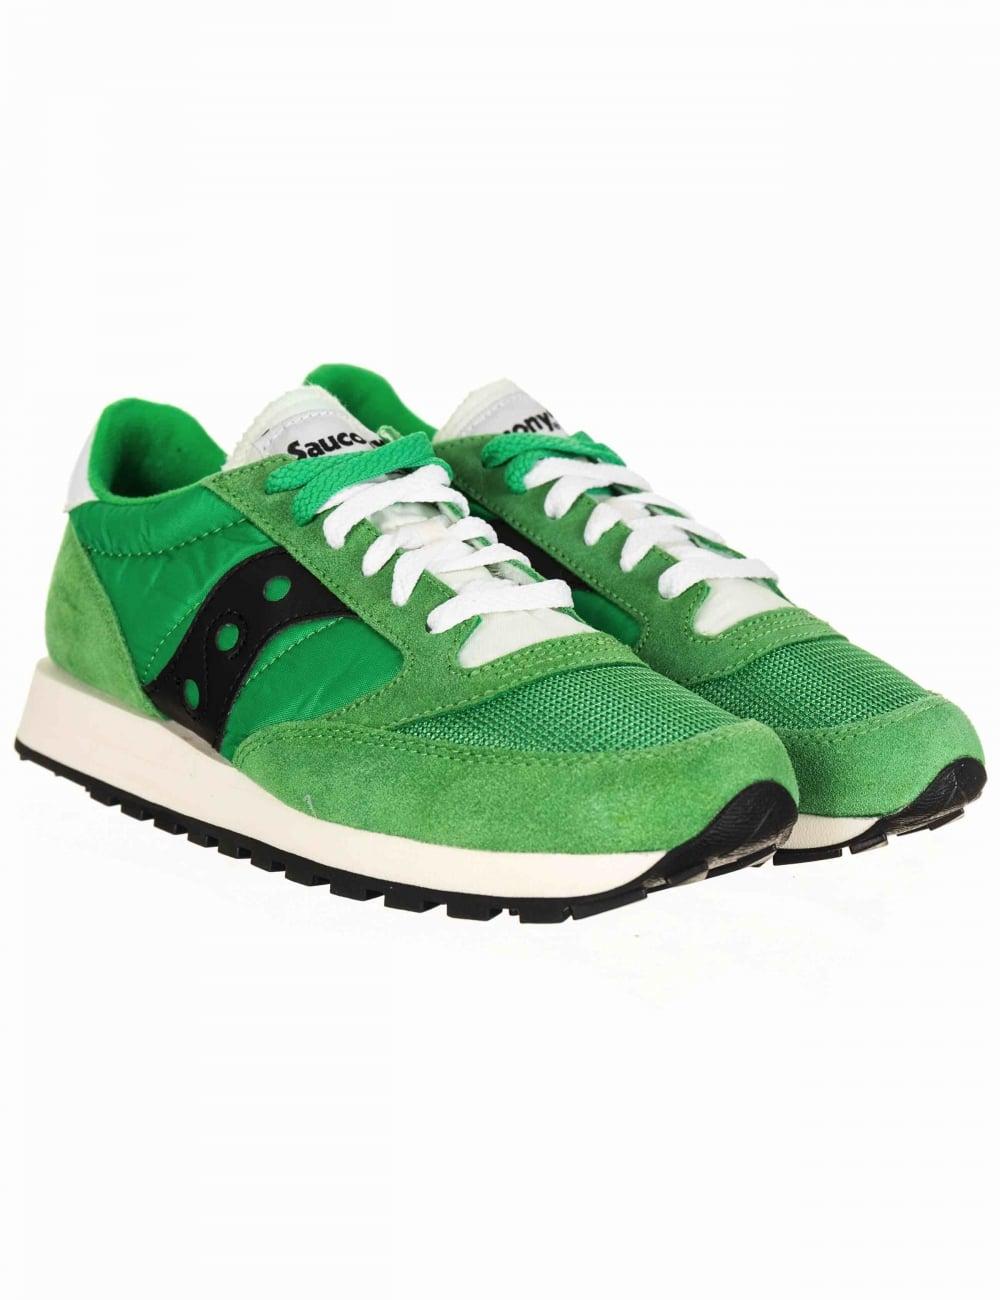 big sale 6efd1 d8985 Jazz Vintage OG Shoes - Green/White